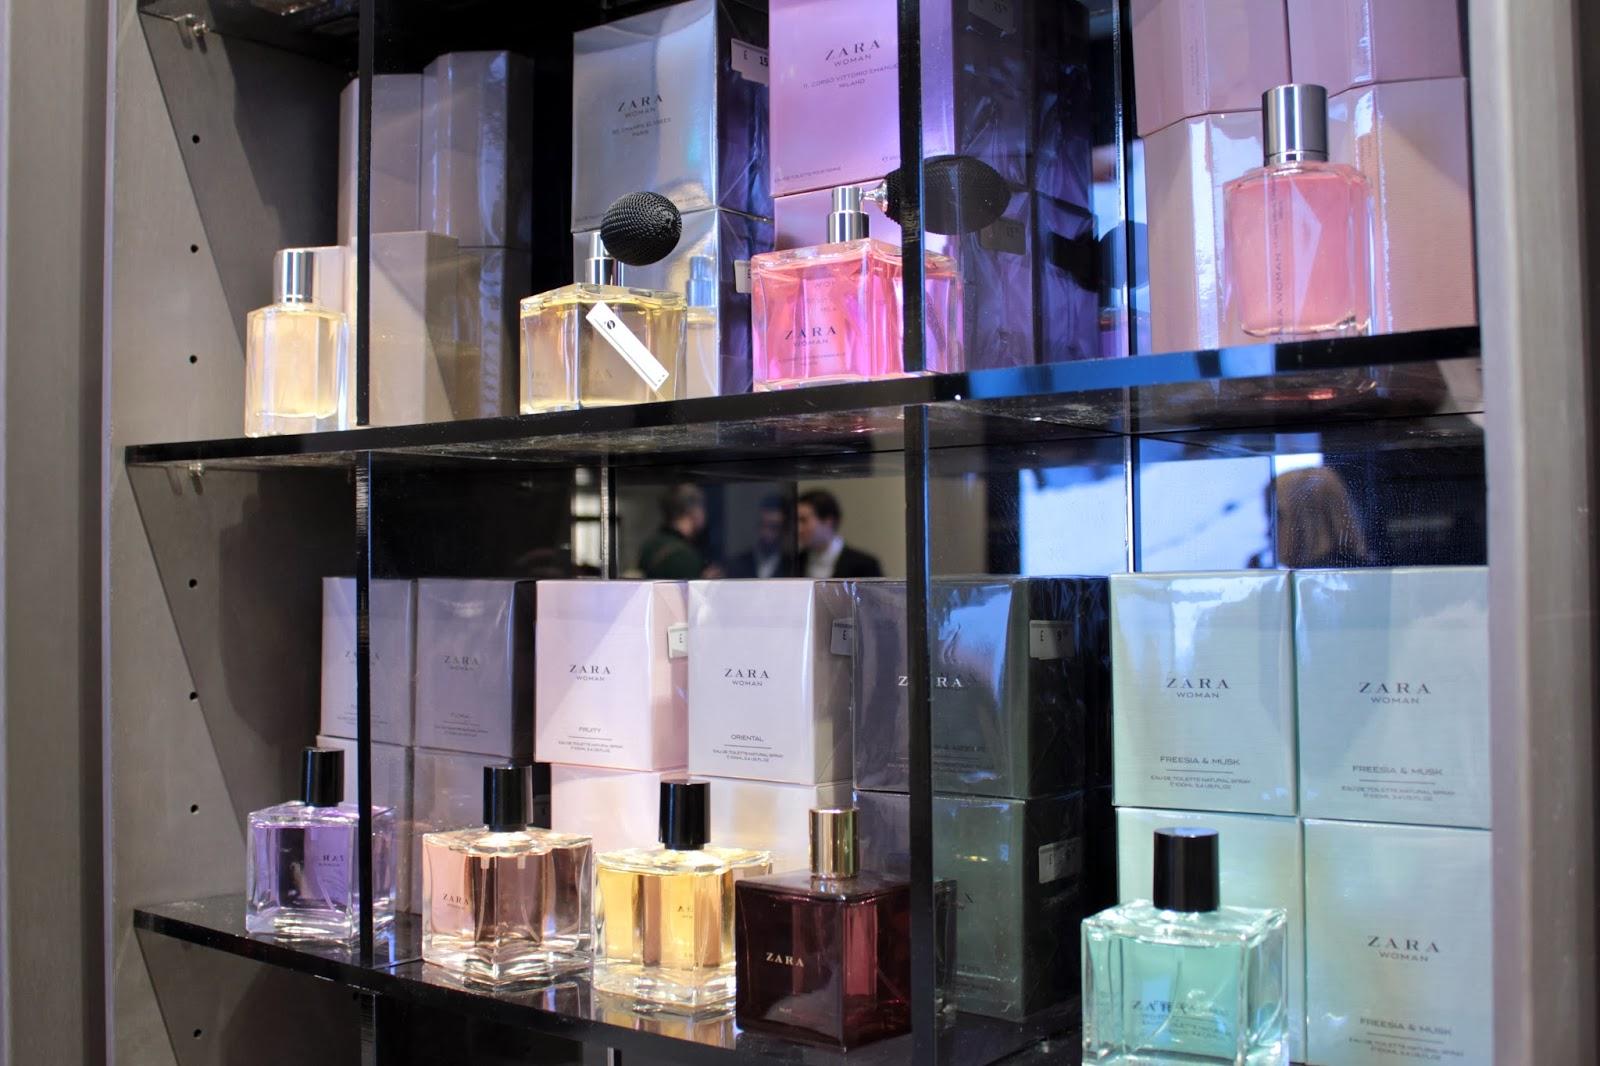 ZARA perfumes